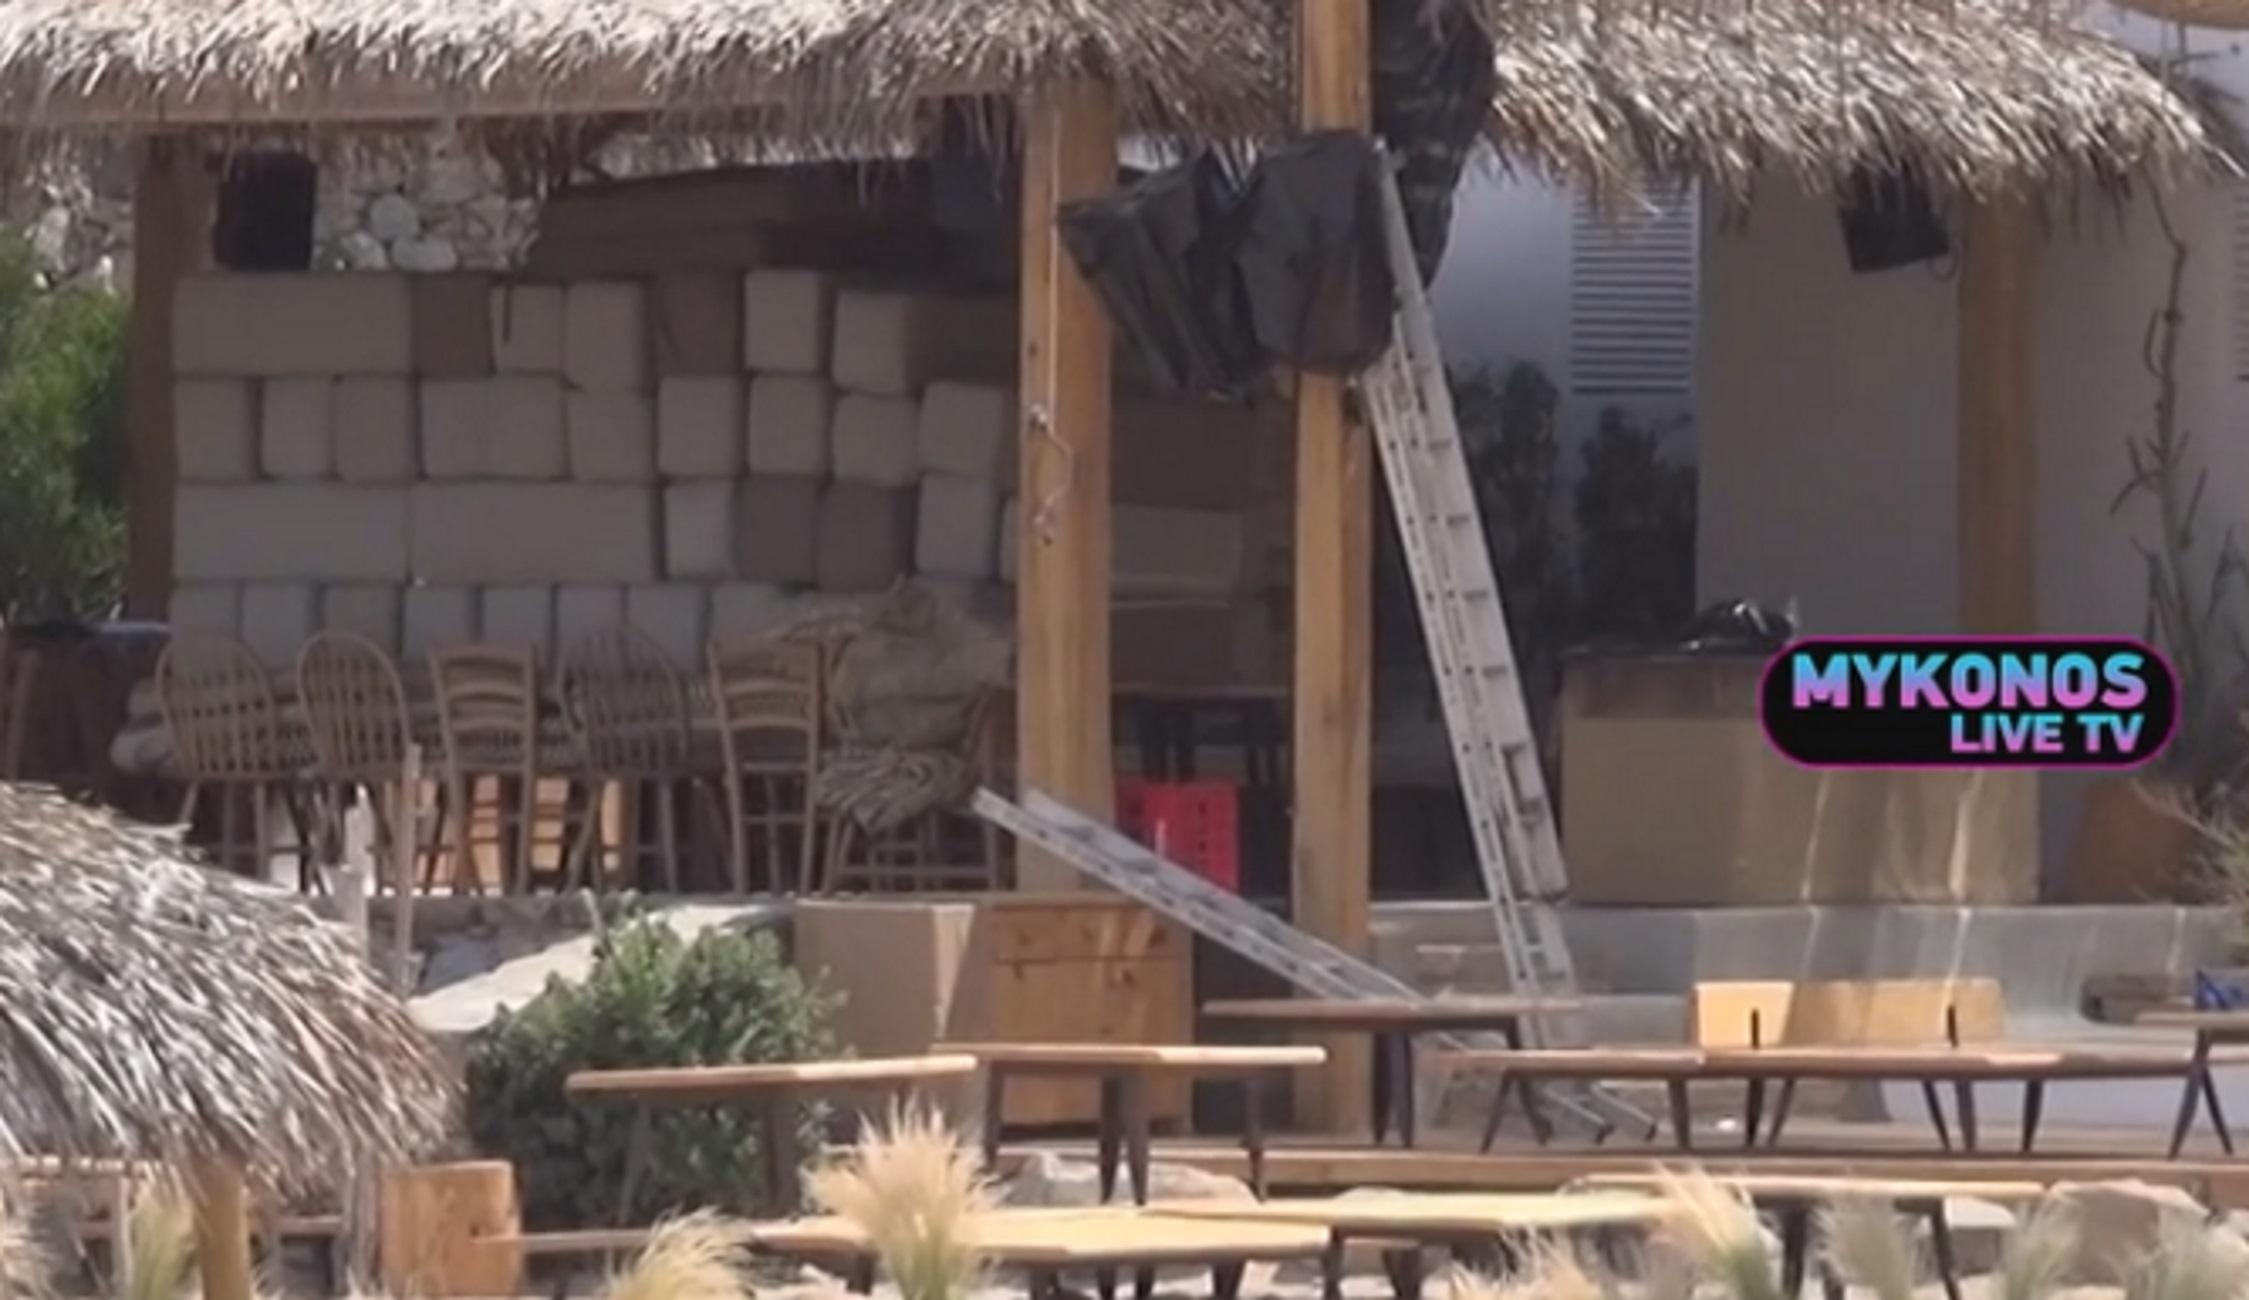 Μύκονος: Οι εικόνες μετά το λουκέτο σε πασίγνωστο beach bar λόγω συνωστισμού! Τα μάζεψαν οι ιδιοκτήτες (Βίντεο)